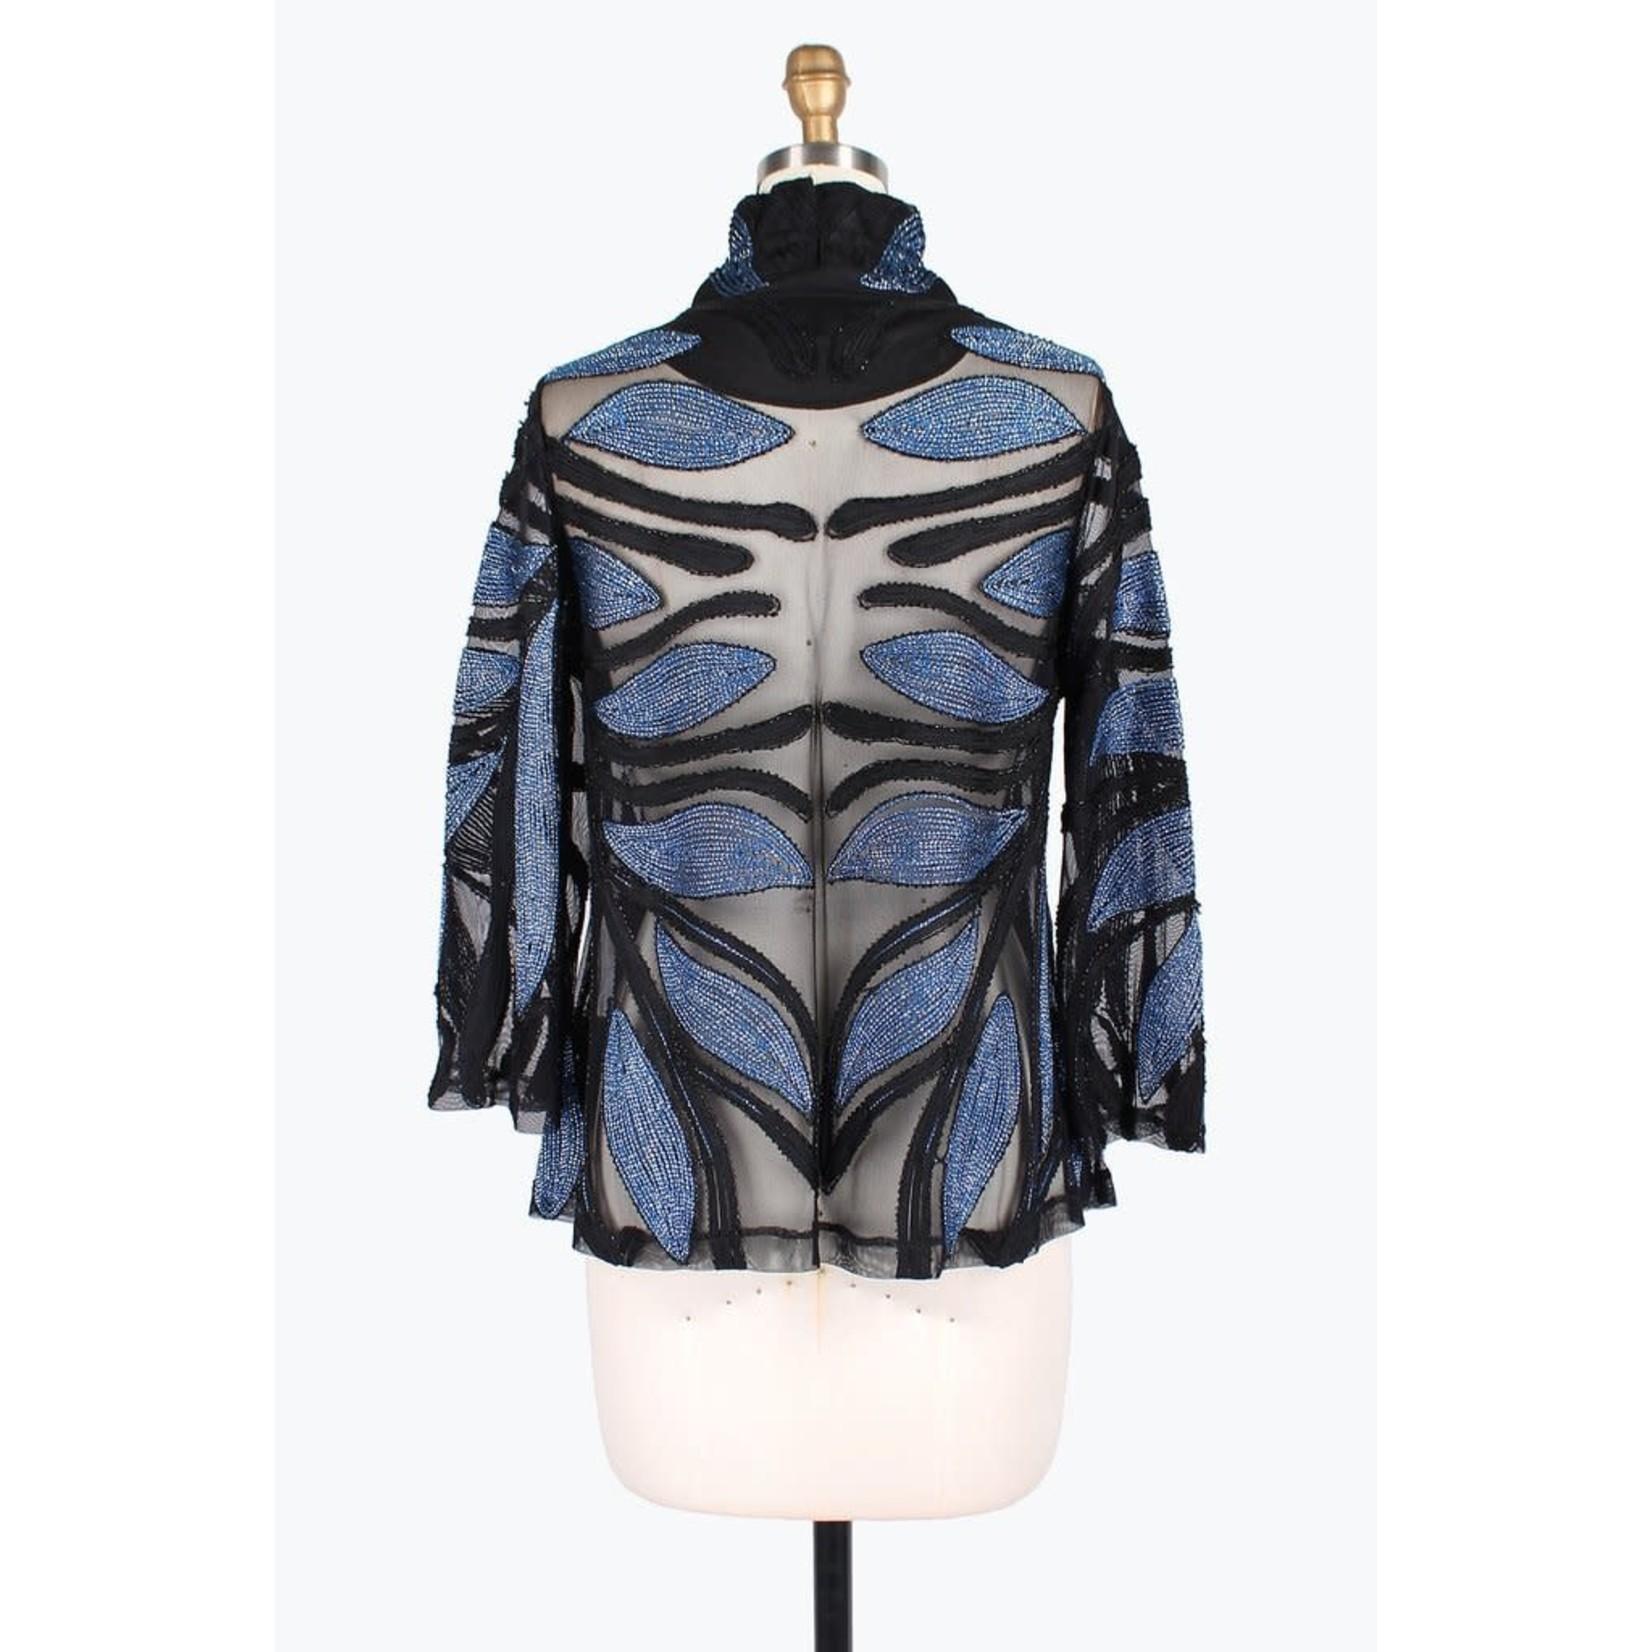 Damee Metallic Leaf Soutache Jacket in Blue